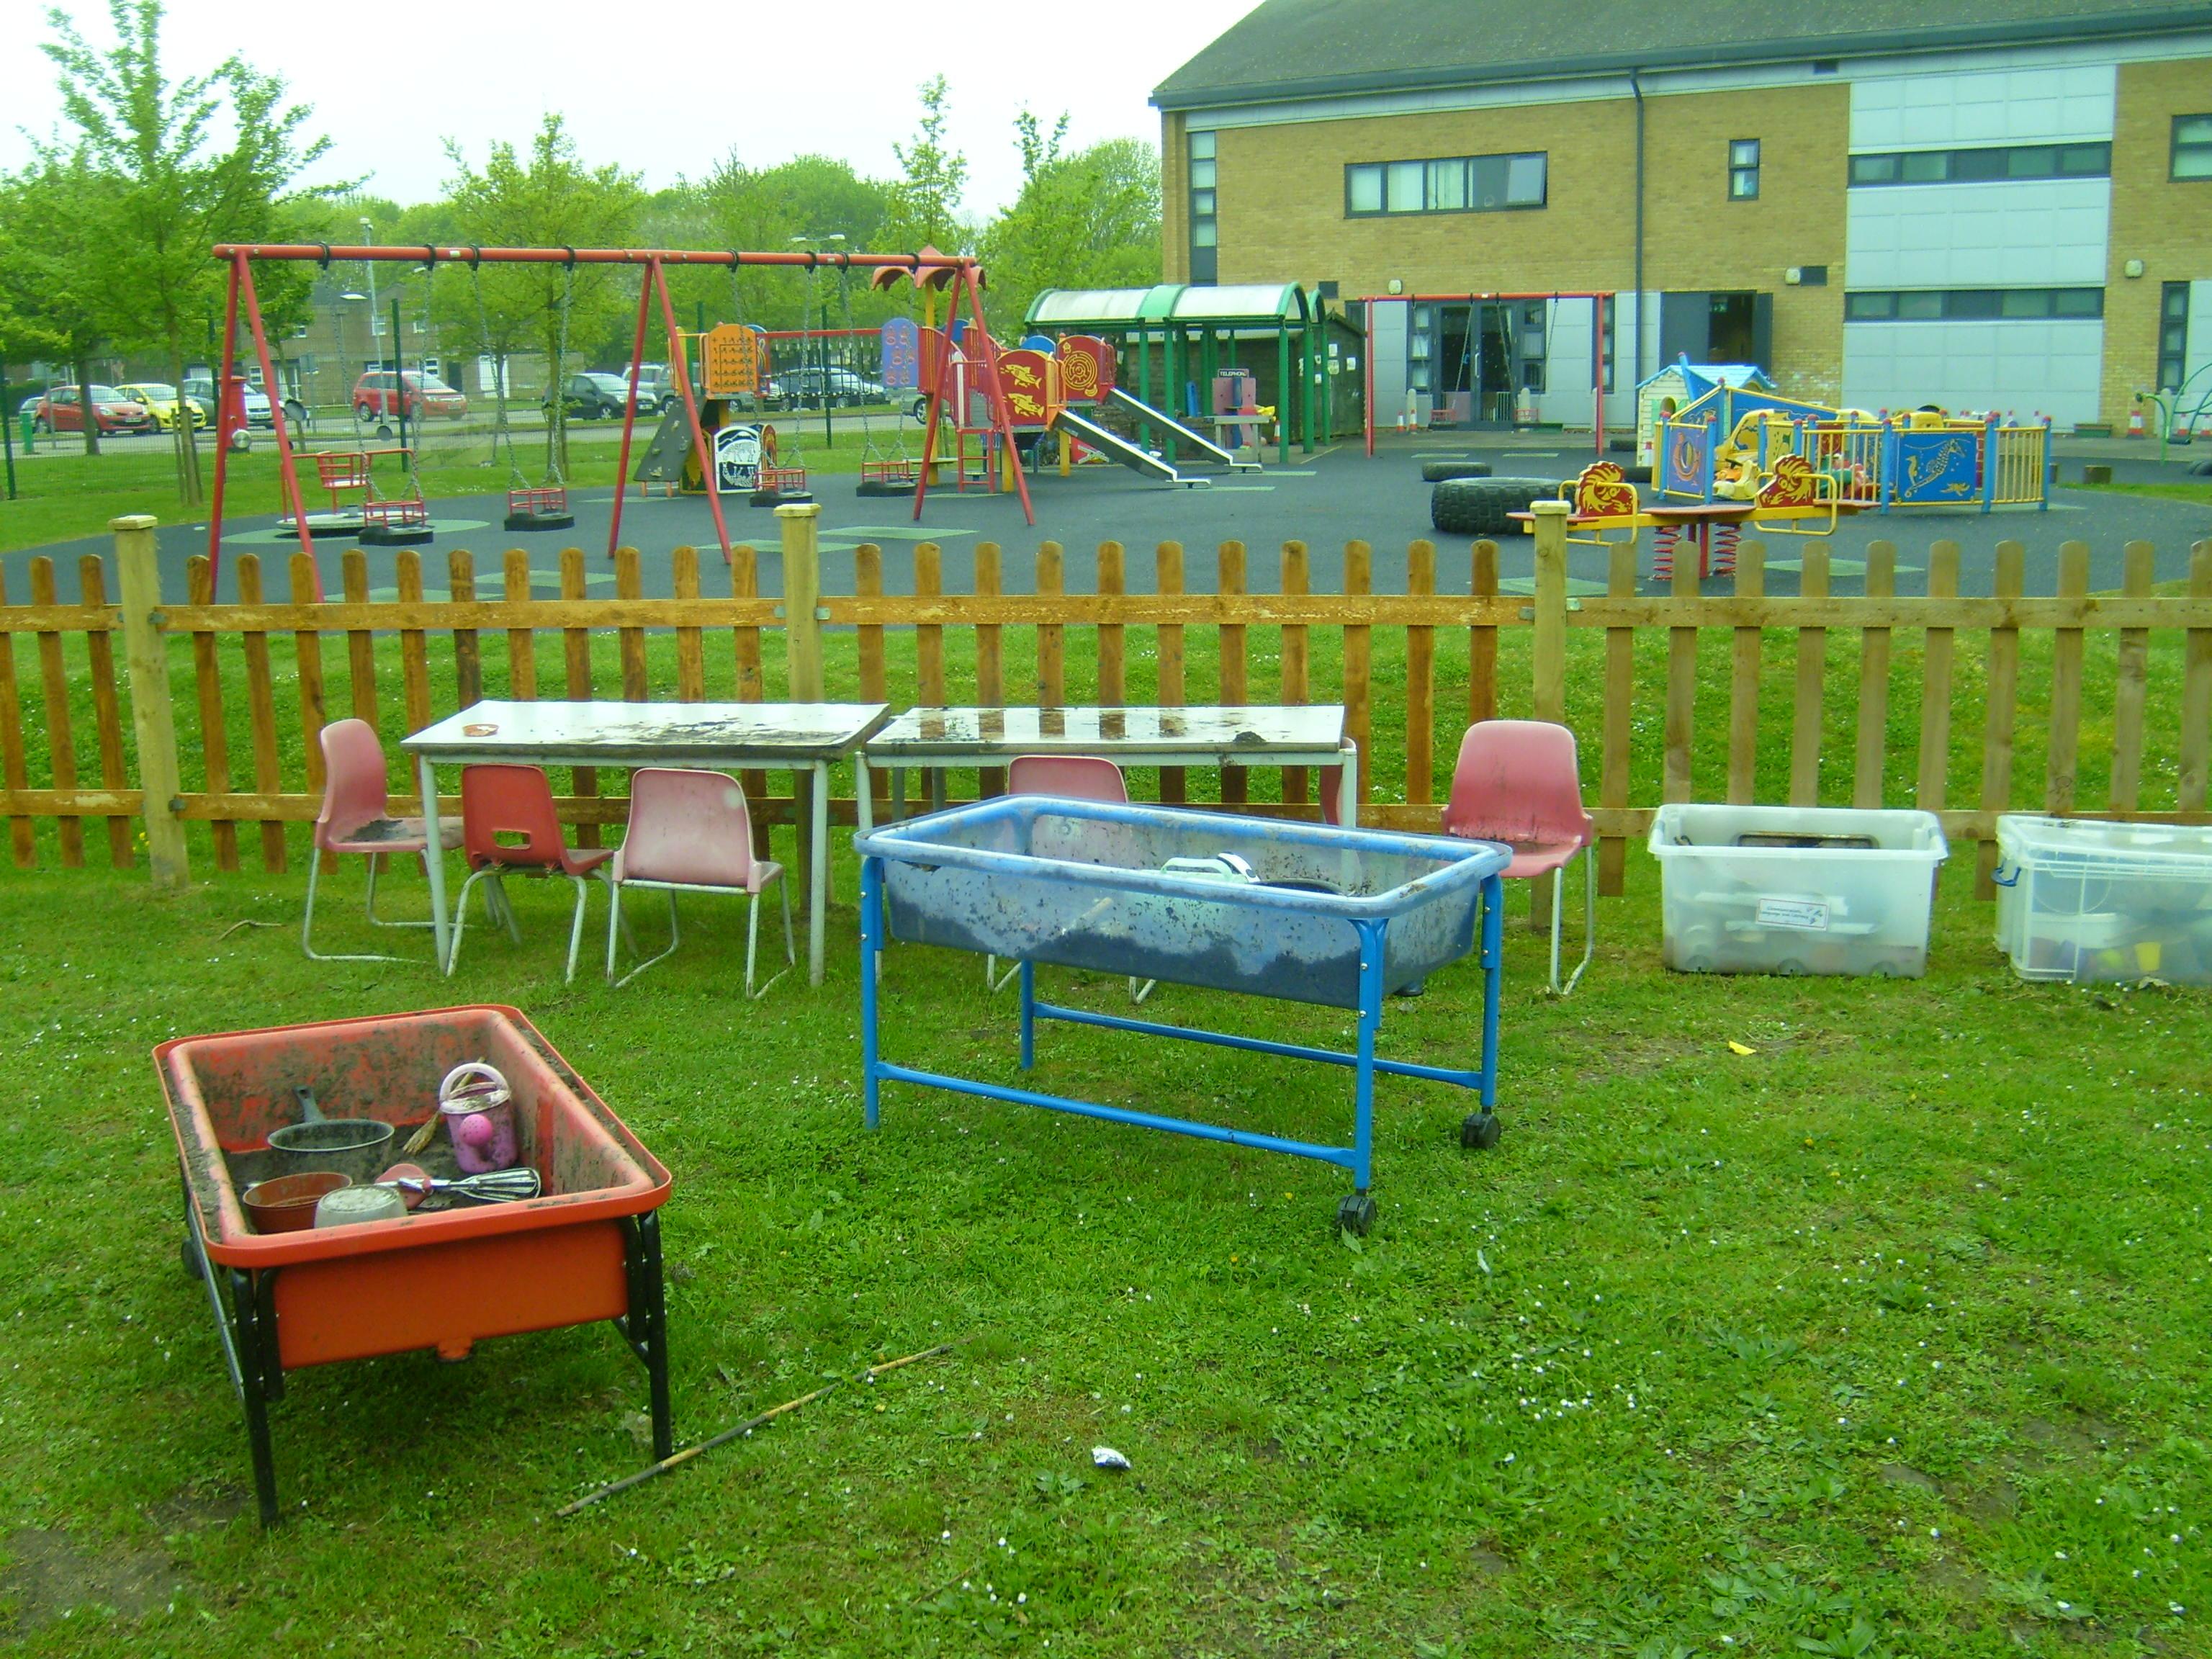 Preschool Kitchen Furniture Mud Kitchen And Forest School News St Nicholas Preschool And Nursery